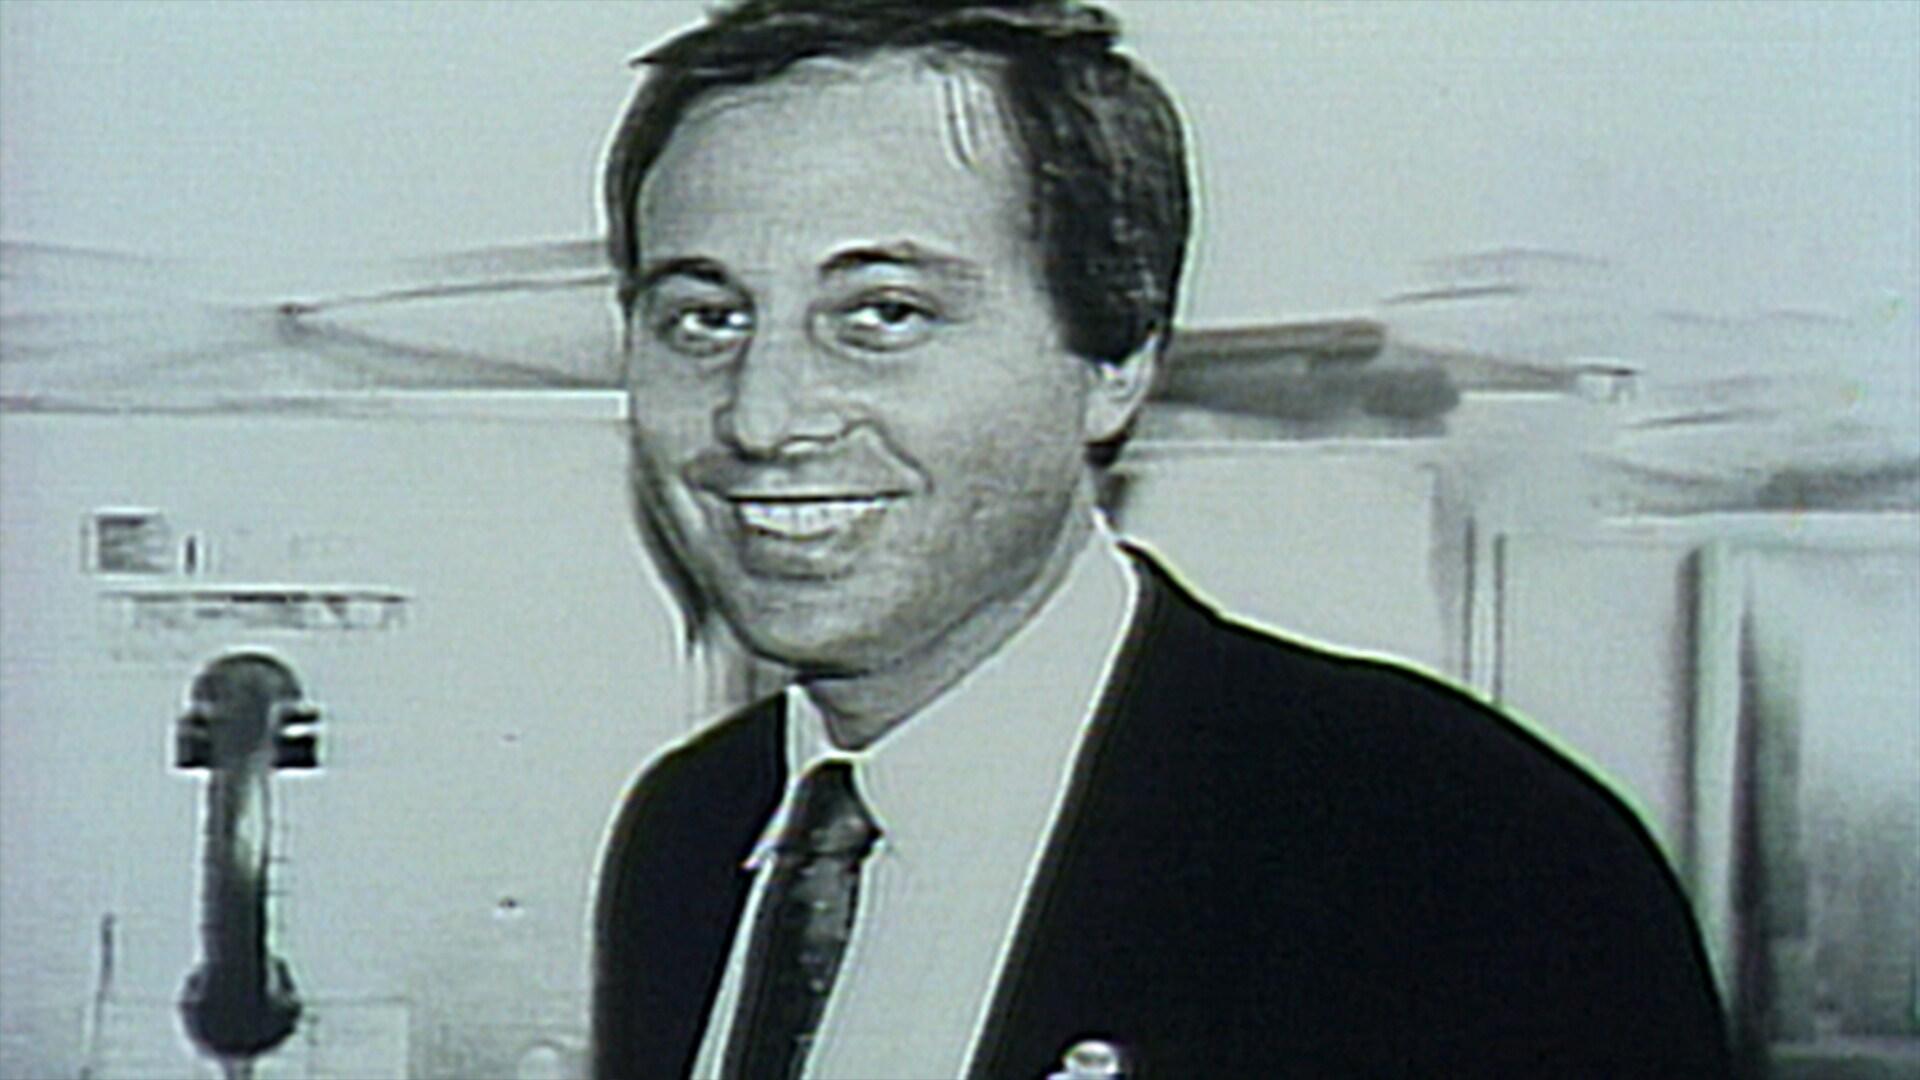 Brandon Tartikoff: October 8, 1983